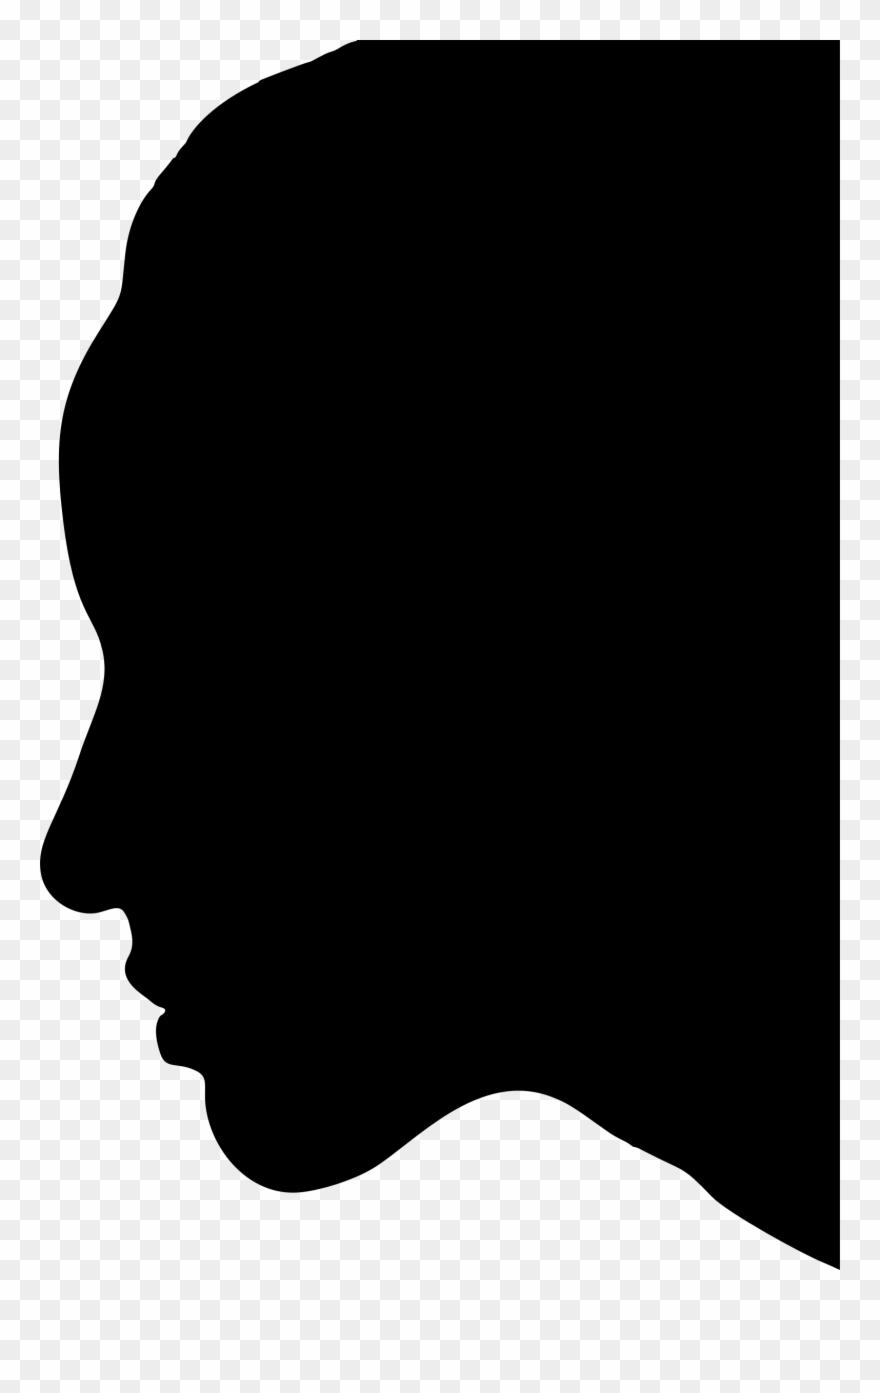 Female Silhouette Profile At.